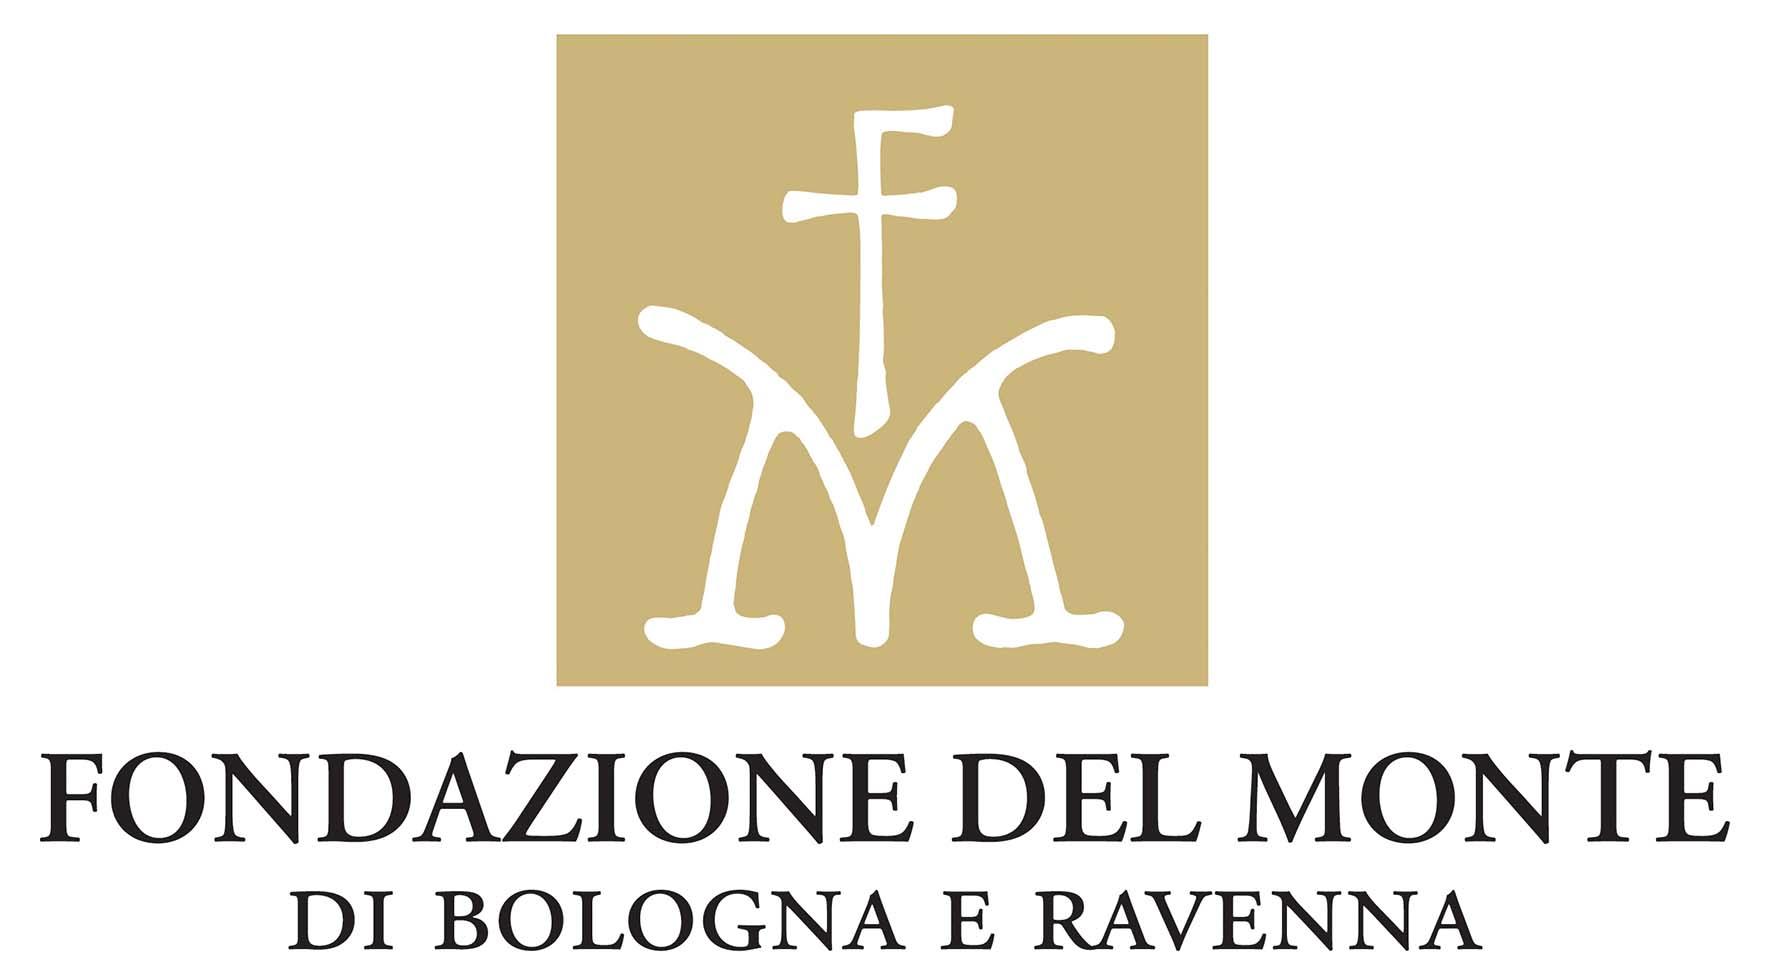 fondazione del monte bologna e ravenna logo